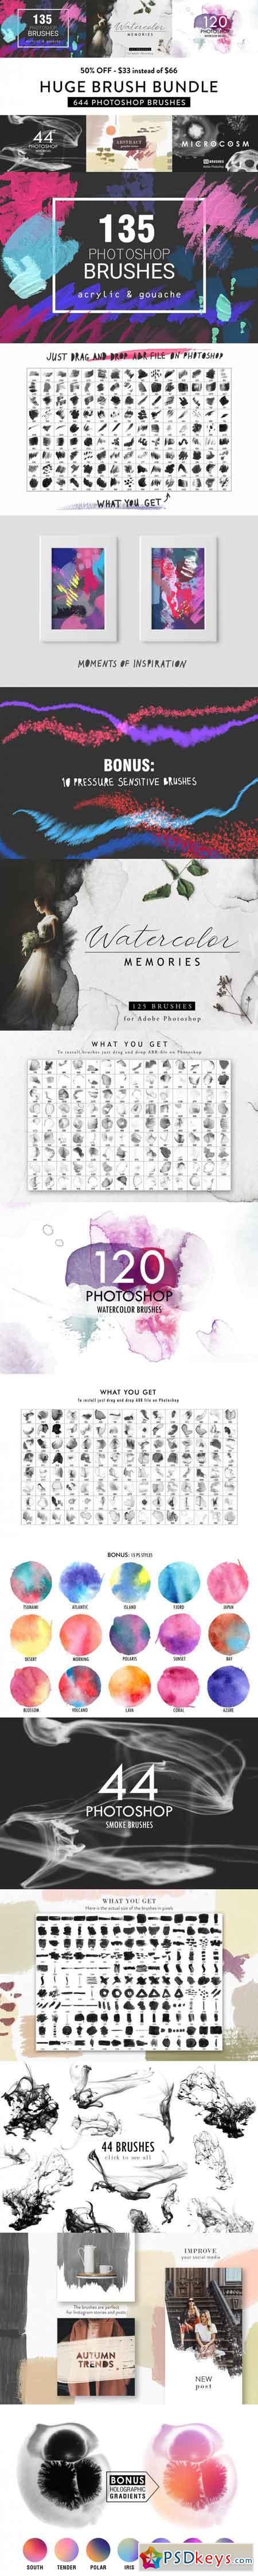 Photoshop Brush Bundle 3509672